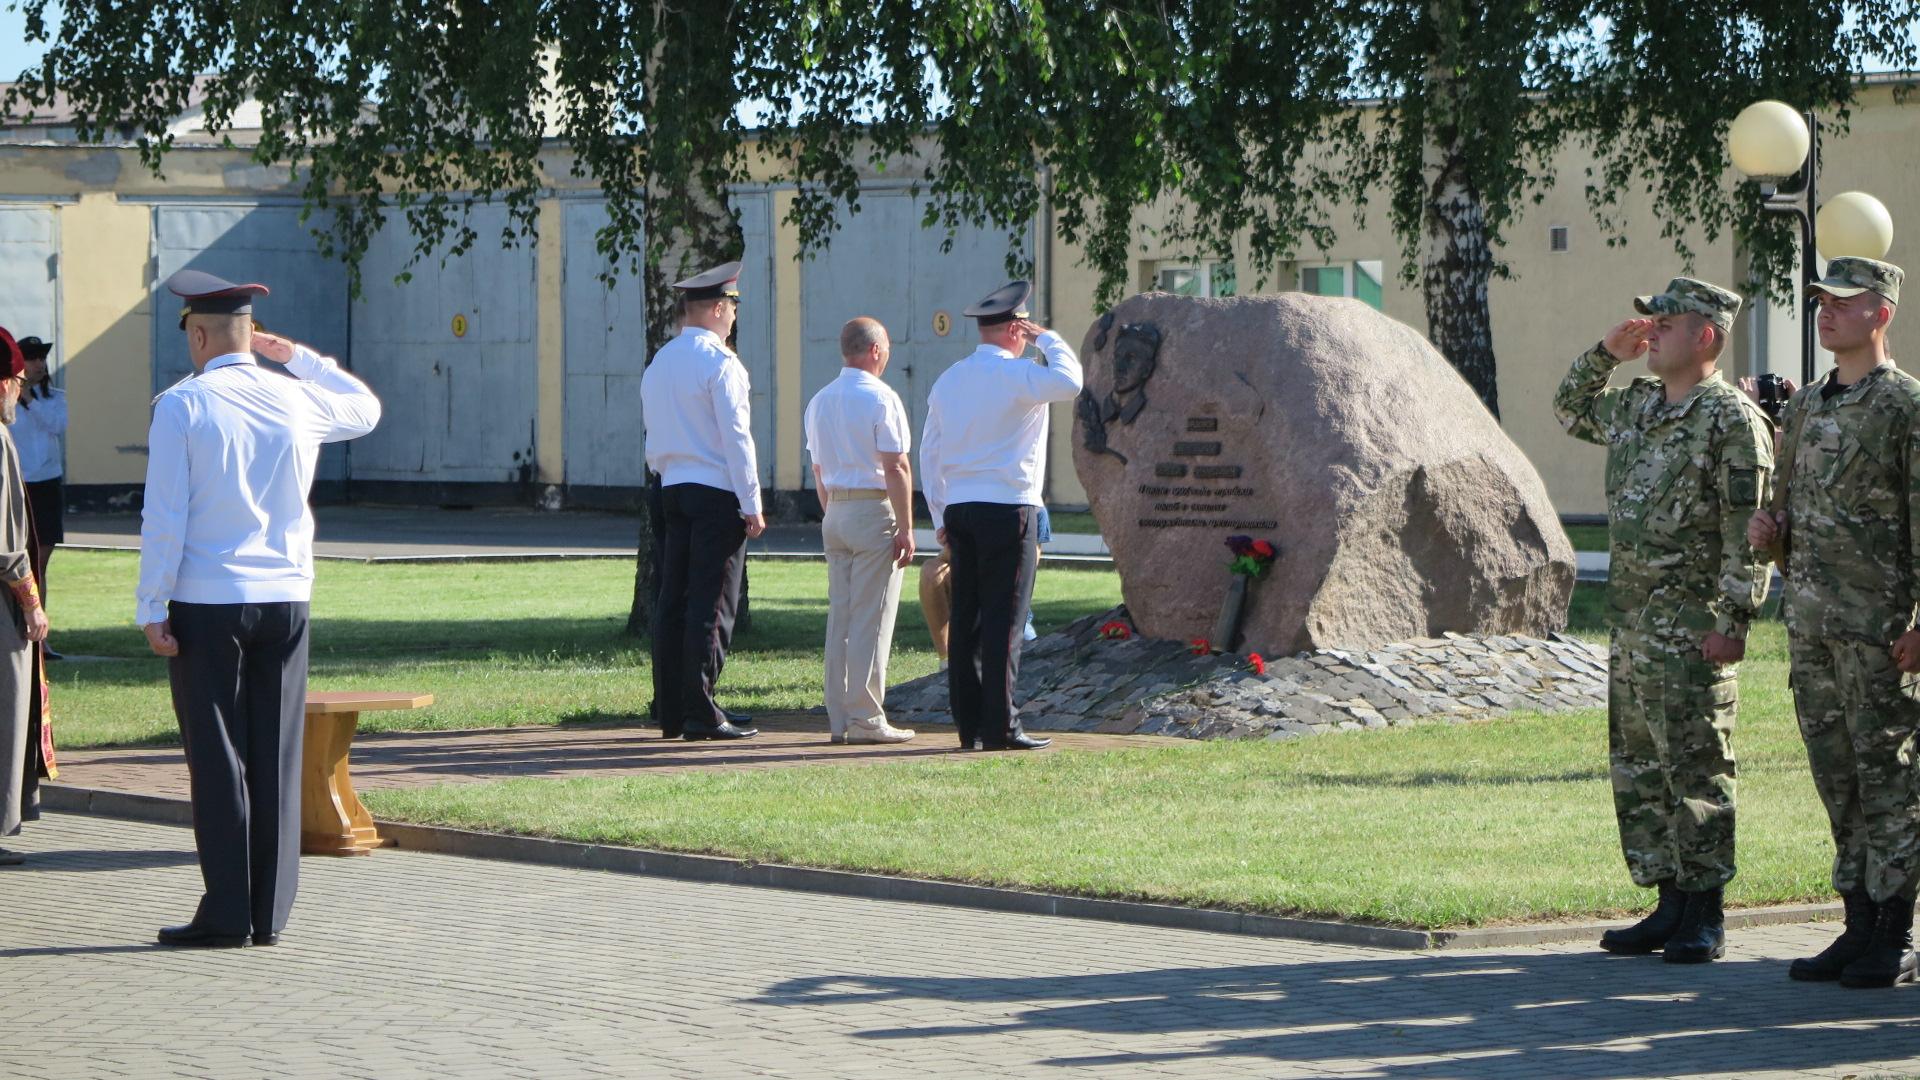 Возложение цветов приглашенными гостями к памятному знаку рядовому Сергею Свентецкому, служившему в военной части 7404 и погибшему в схватке с преступниками. Фото: Диана КОСЯКИНА